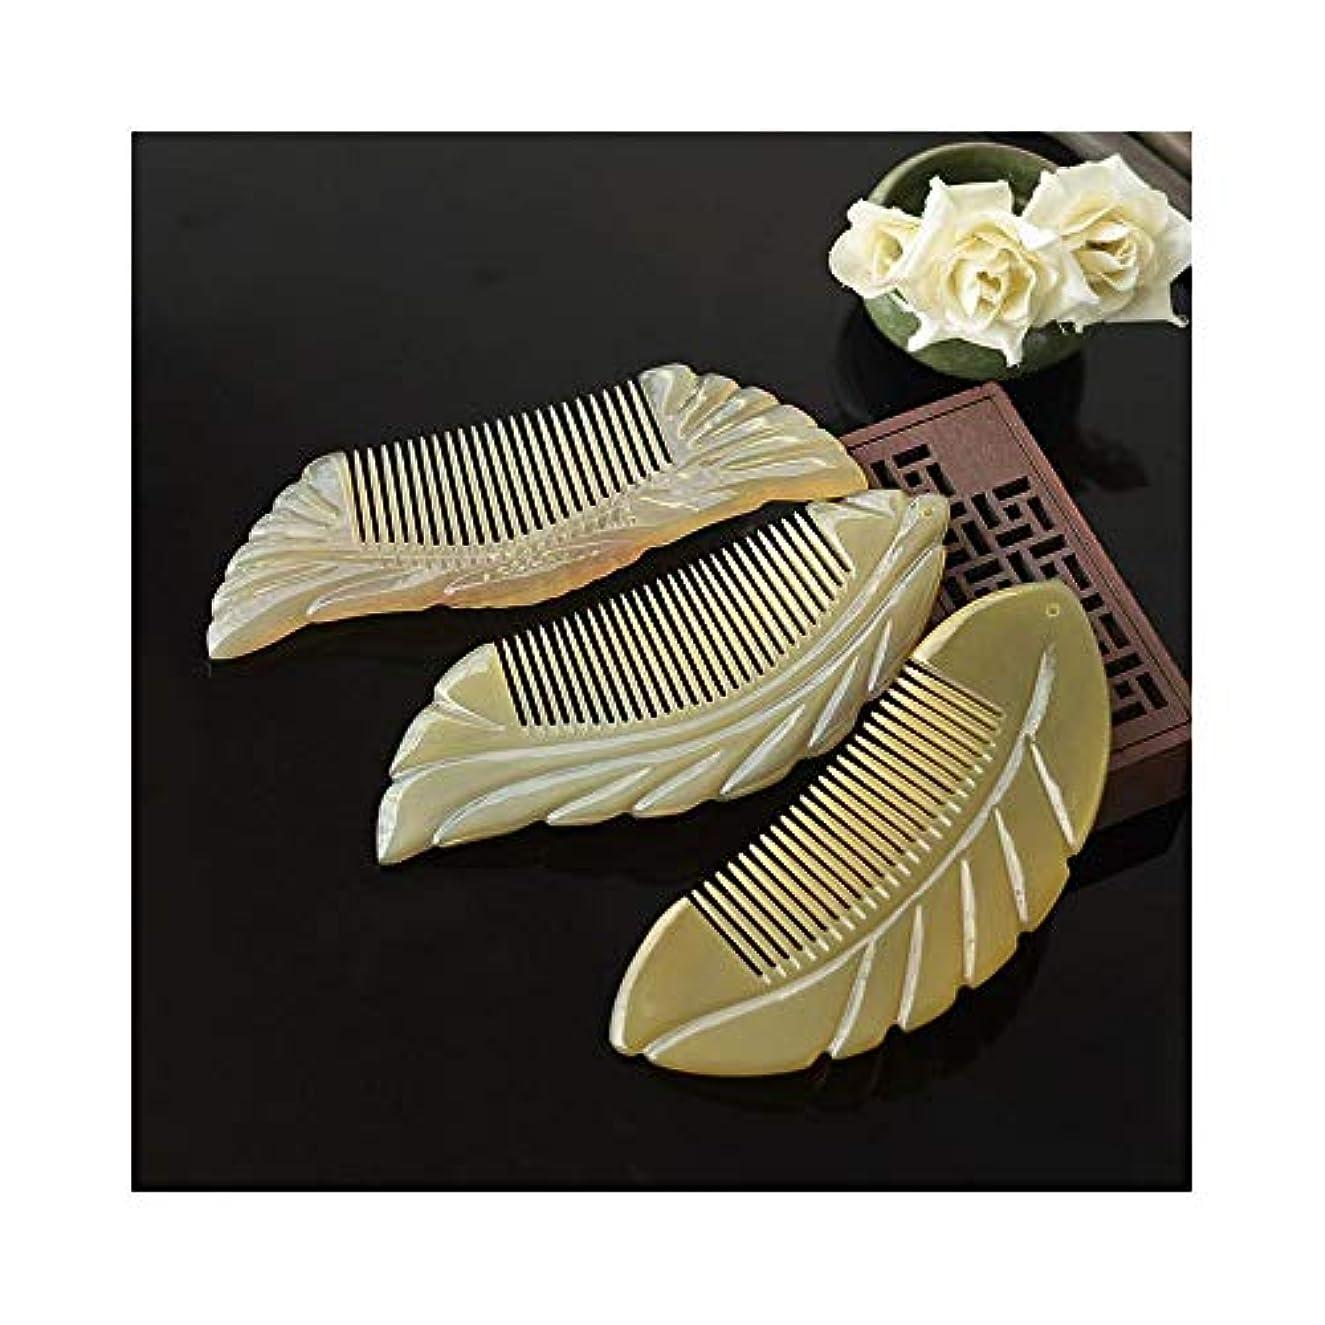 キー地球インデックスFashian自然工芸バッファローホーン櫛は、女性のための手作りテールコームを彫 ヘアケア (色 : 7041)